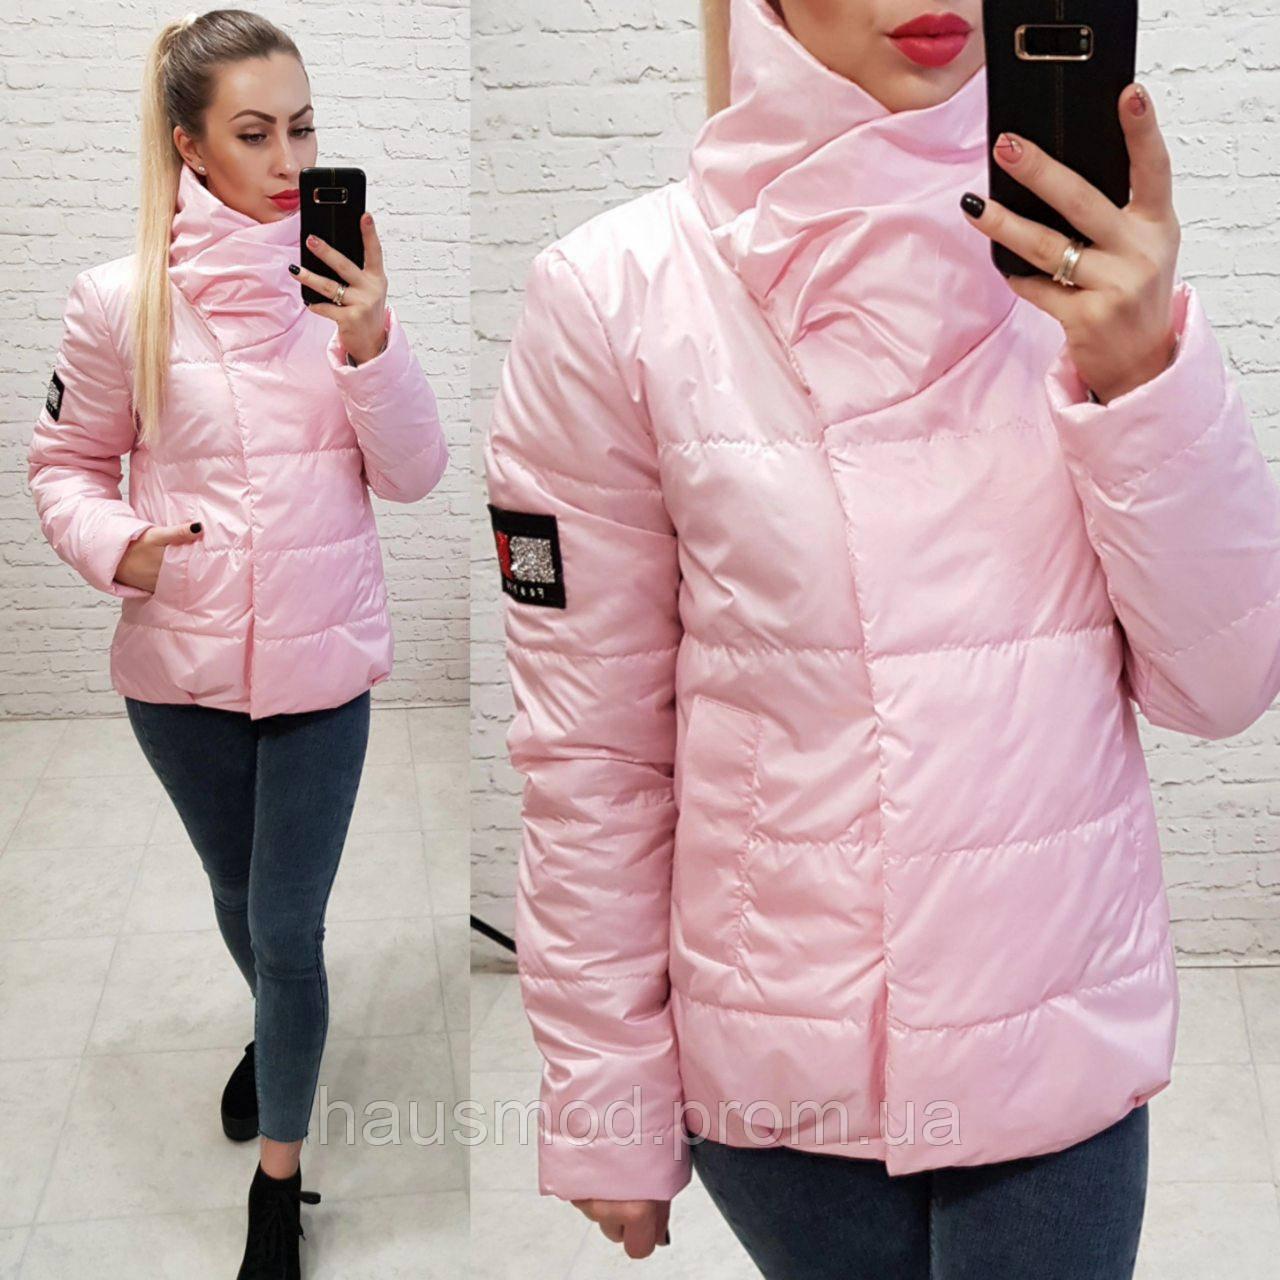 Женская куртка на силиконе весна осень фабричный китай розовая